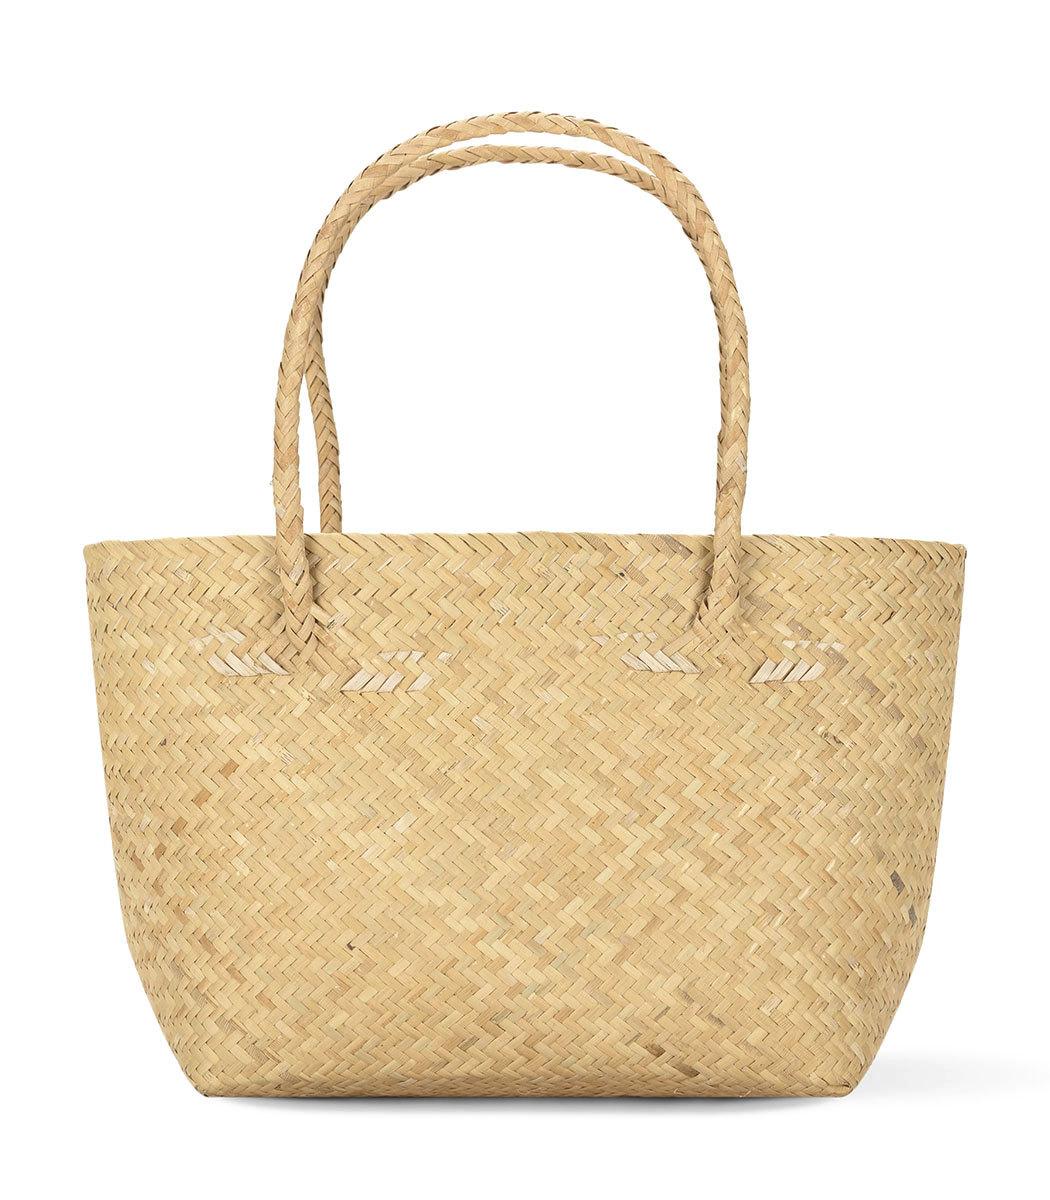 BEMBIEN Lolita Bag in Natural